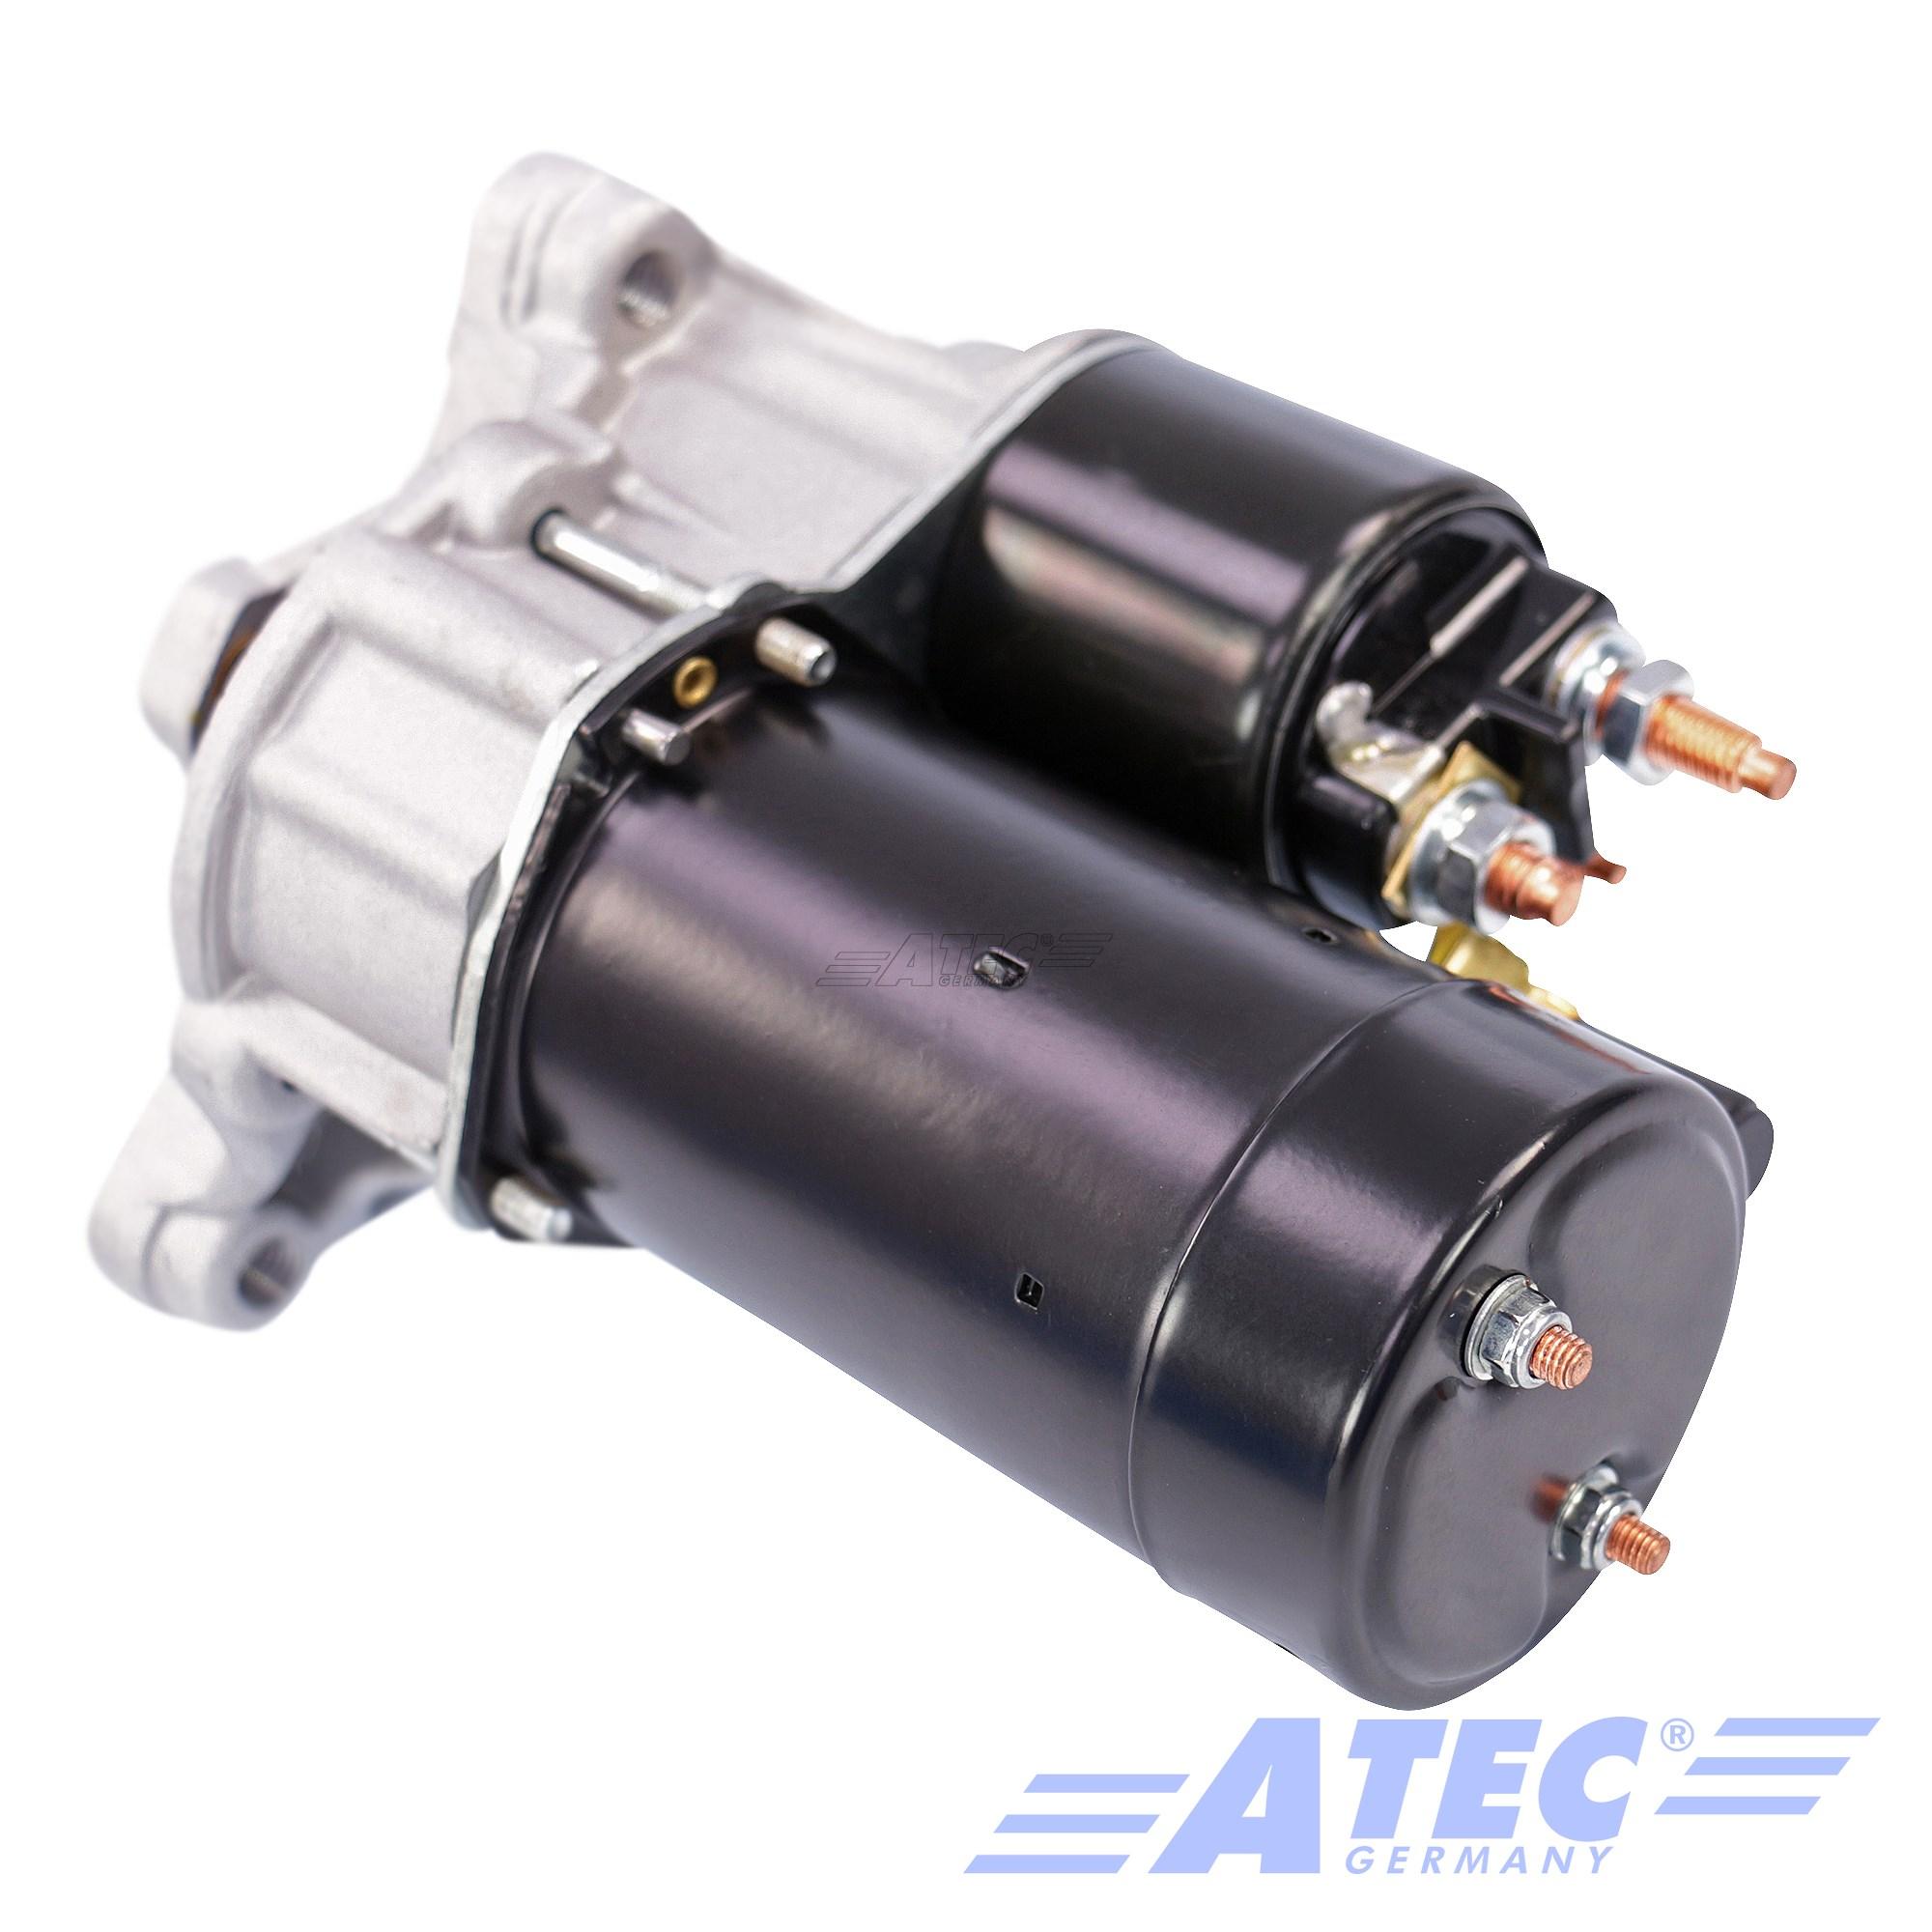 Anlasser Starter 2.0 kW Zähnezahl 11 Spannung 12V Hyundai Kia Neuteil